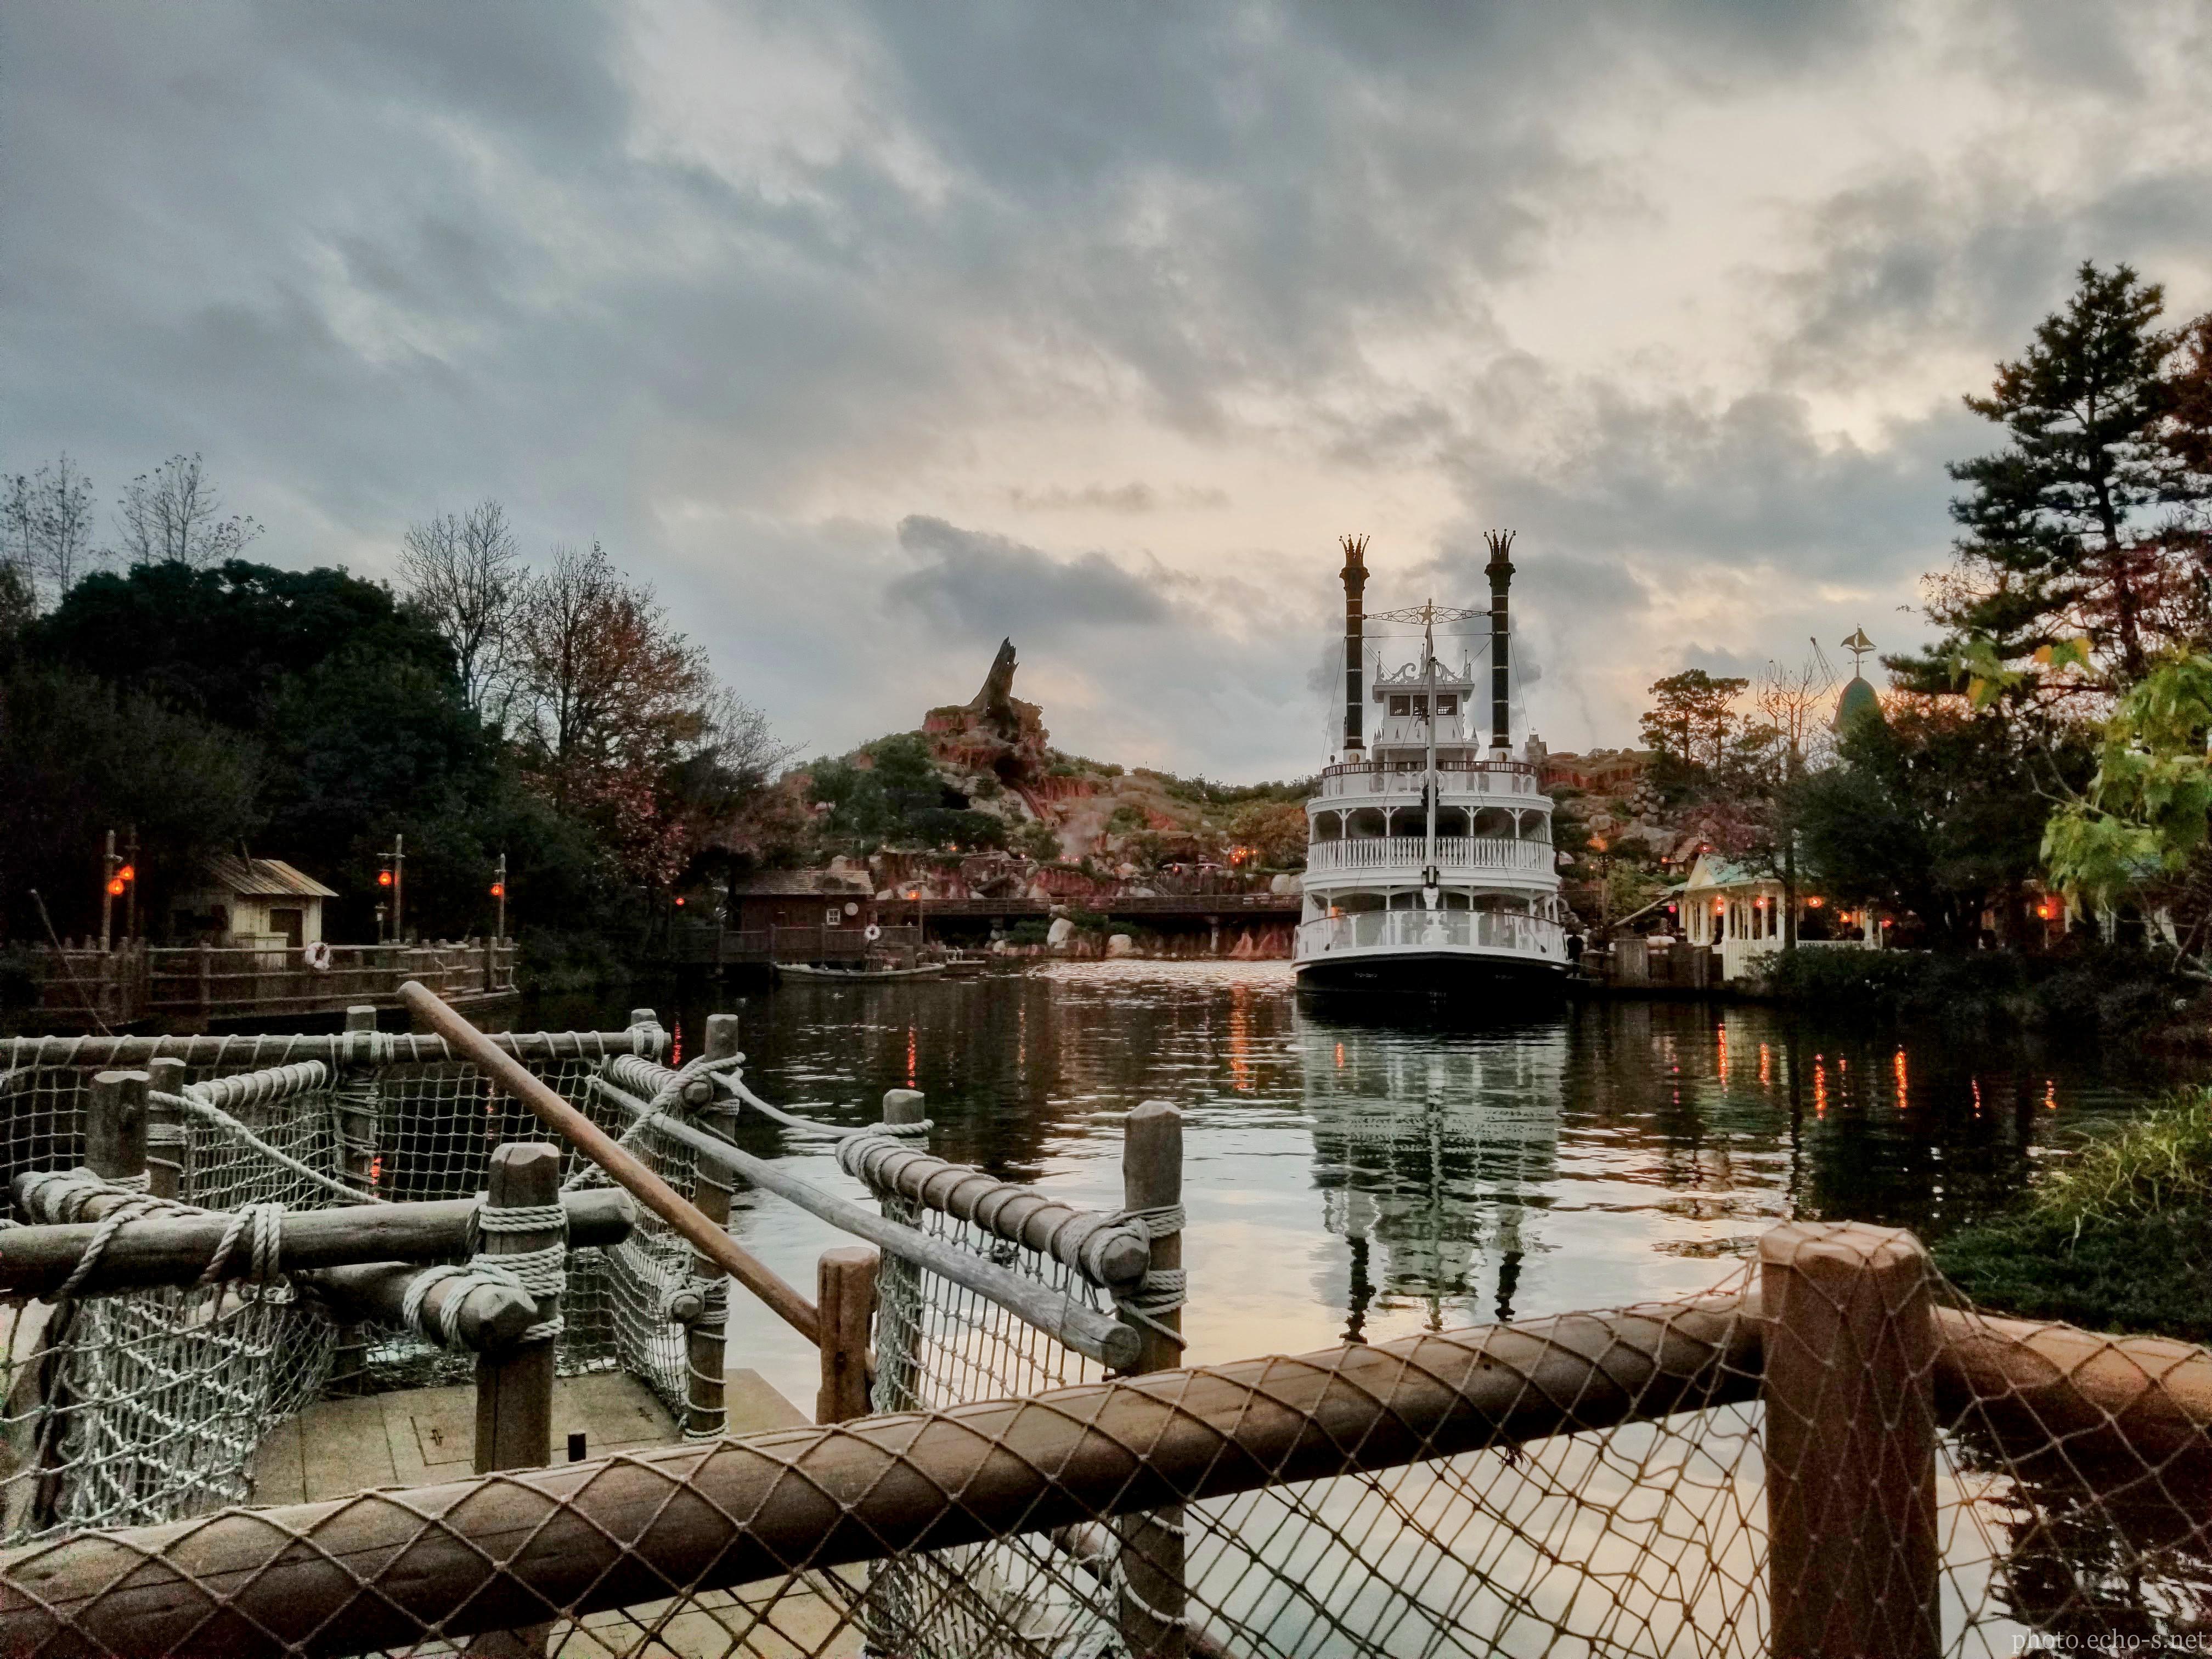 東京ディズニーランド ウエスタンランド アメリカ河 蒸気船マークトウェイン号